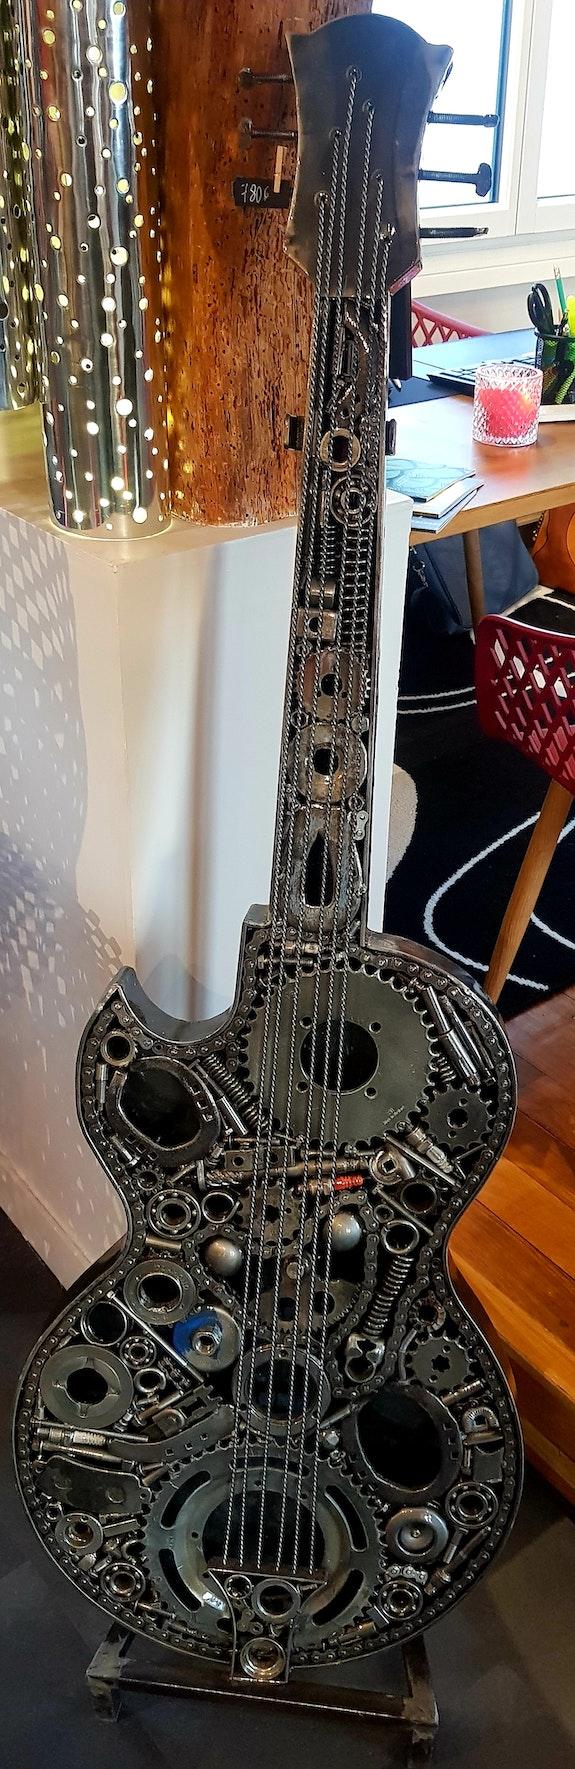 Guitare métal en piéces détachées. Métal-Orient Metal-Orient